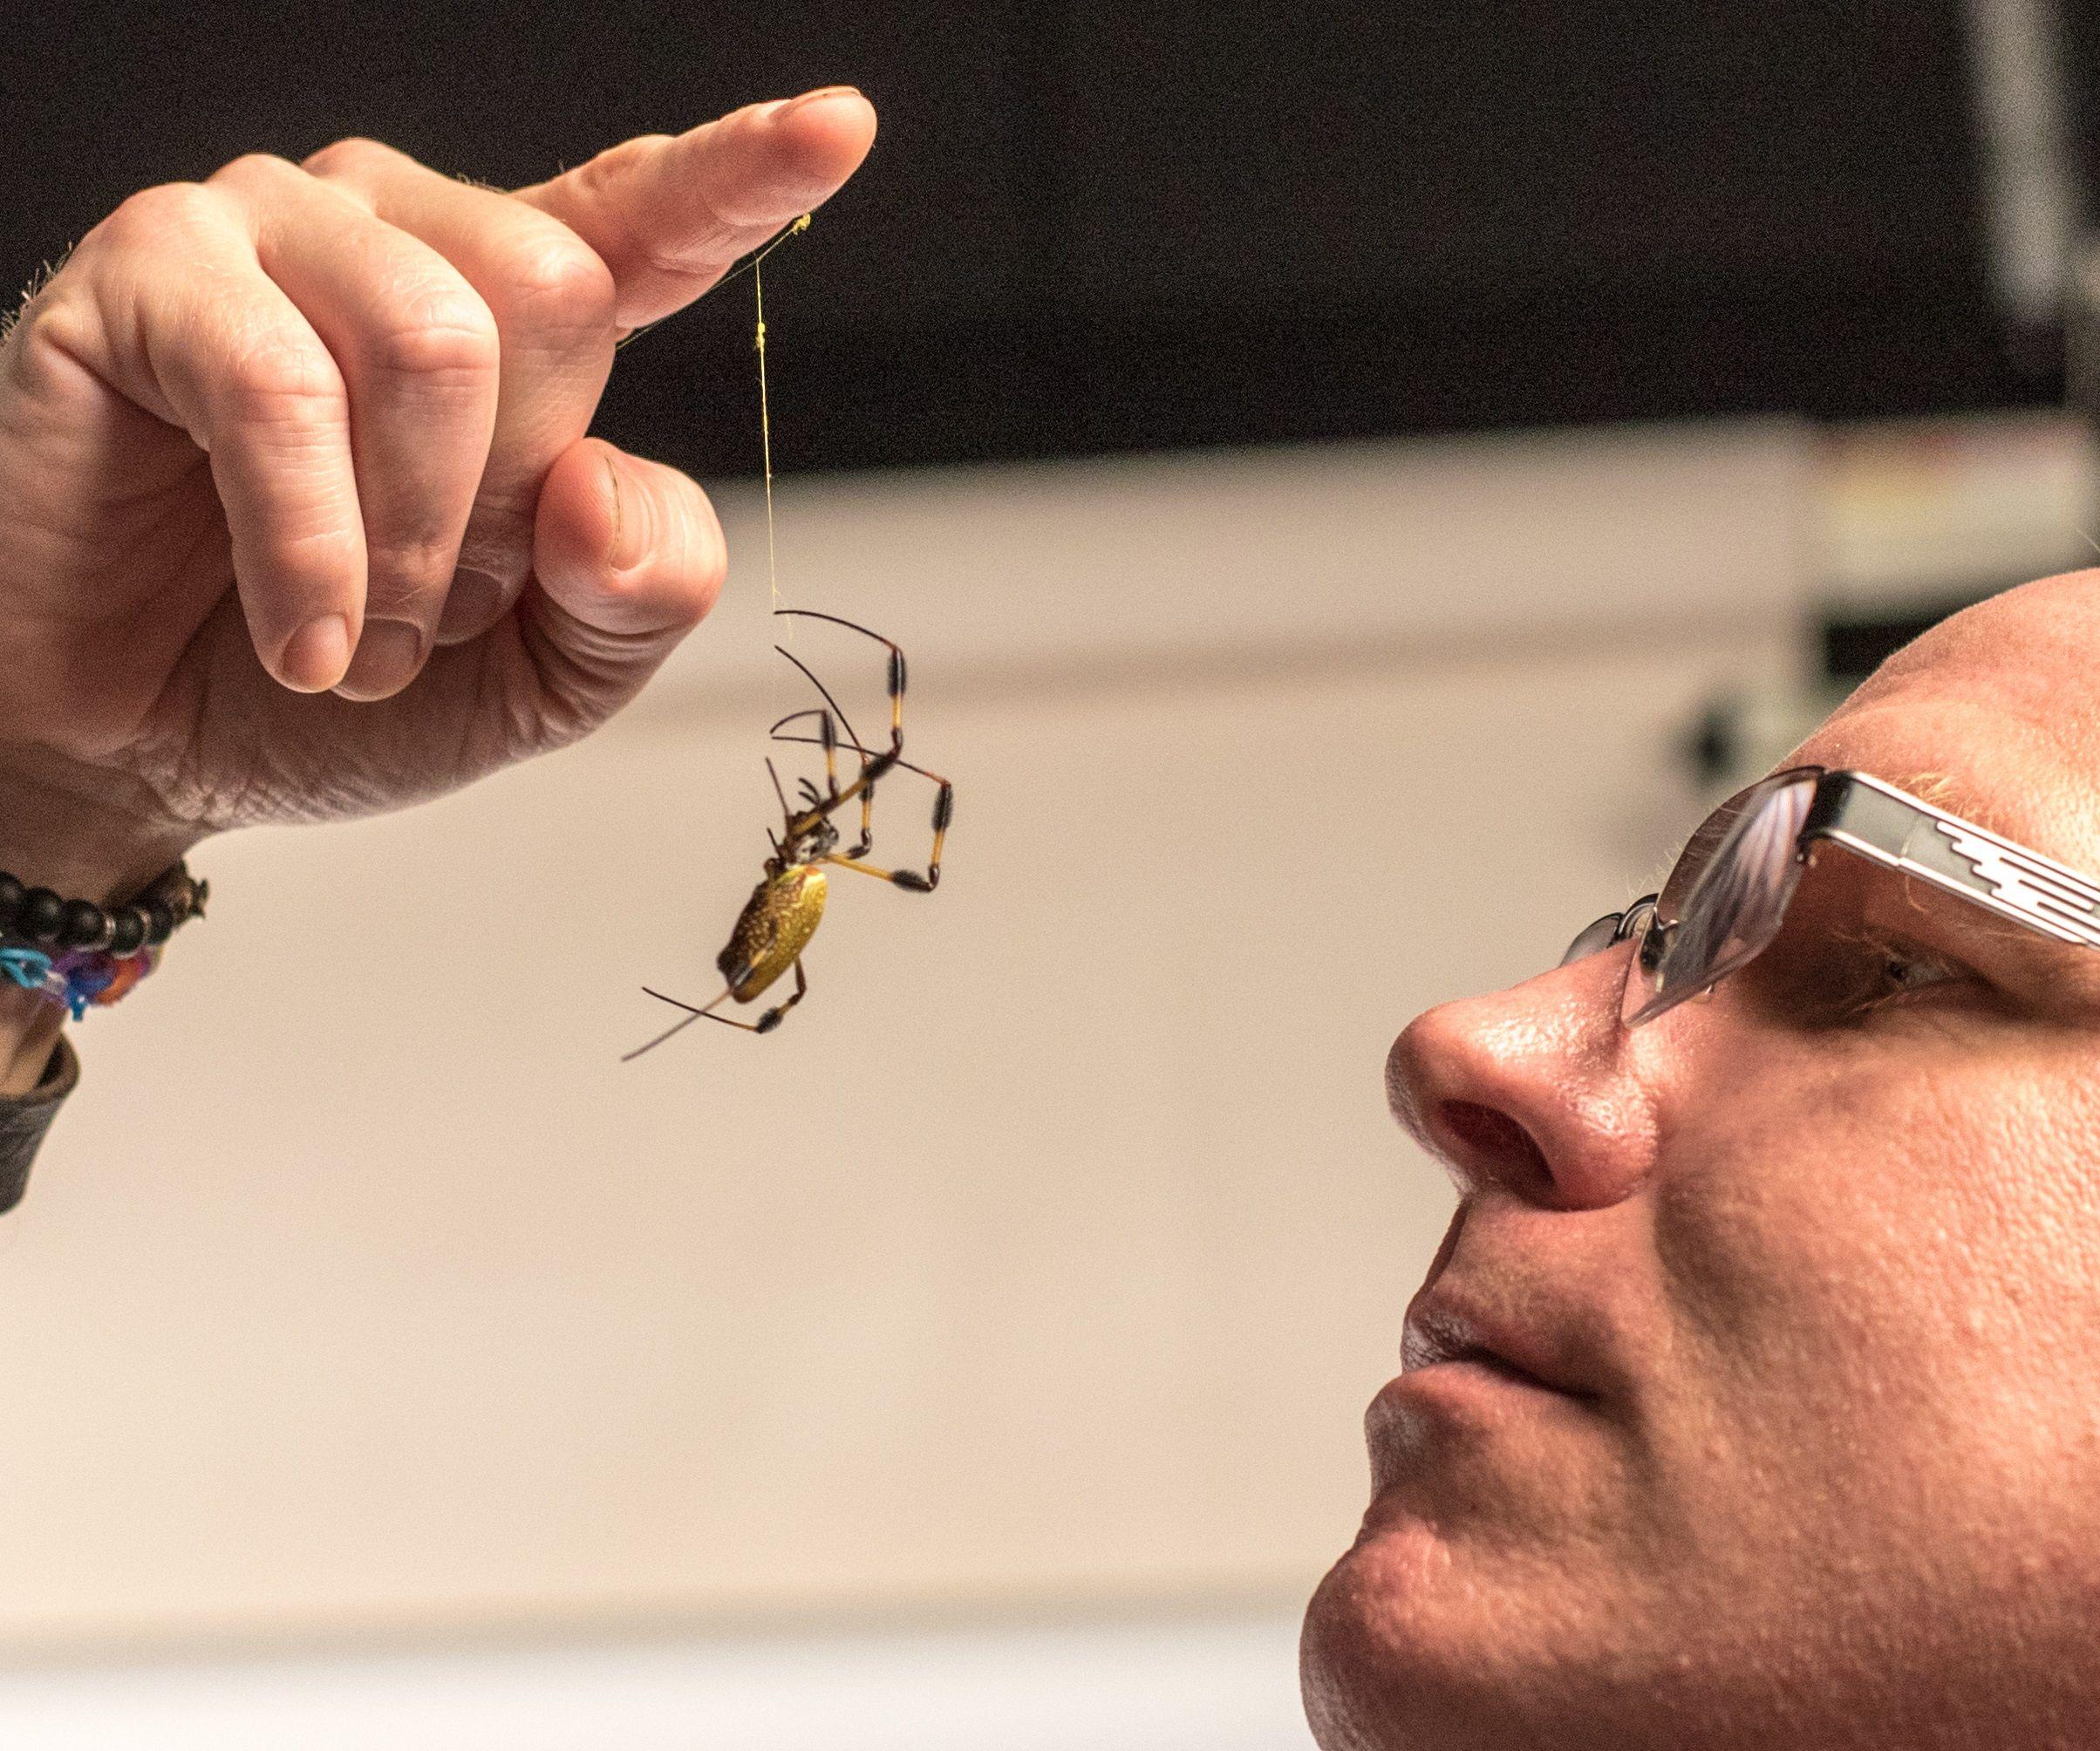 Agnarrson_with_Nephilia_Spider